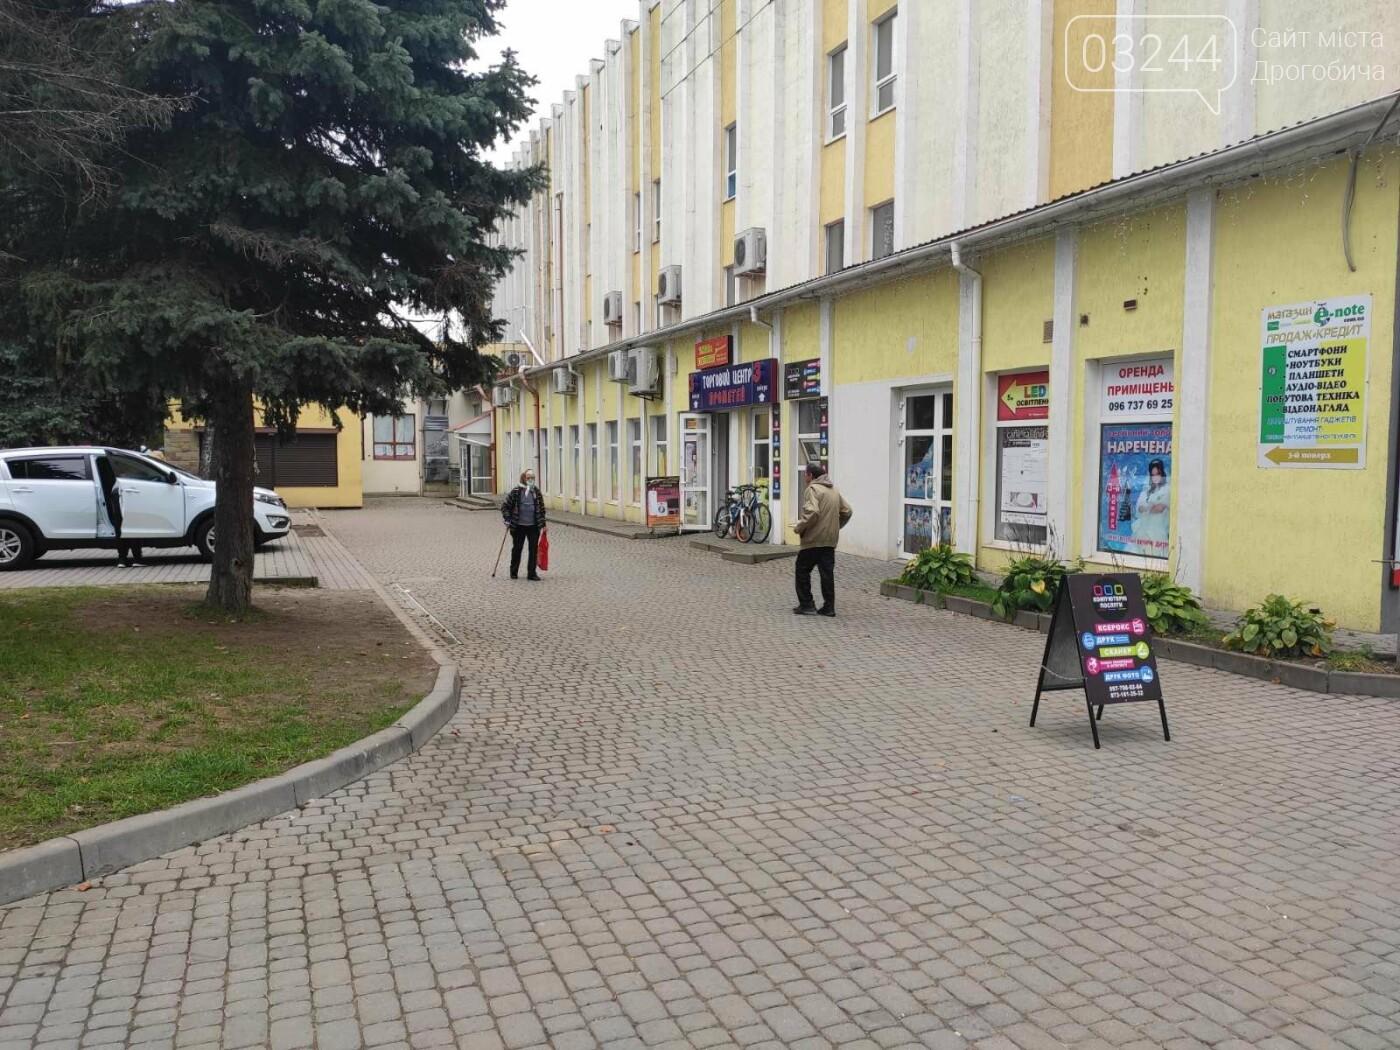 У Дрогобичі зрушення - стихійні торговці із Ковальської перейшли на новооблаштований ринок, - ФОТОРЕПОРТАЖ, фото-13